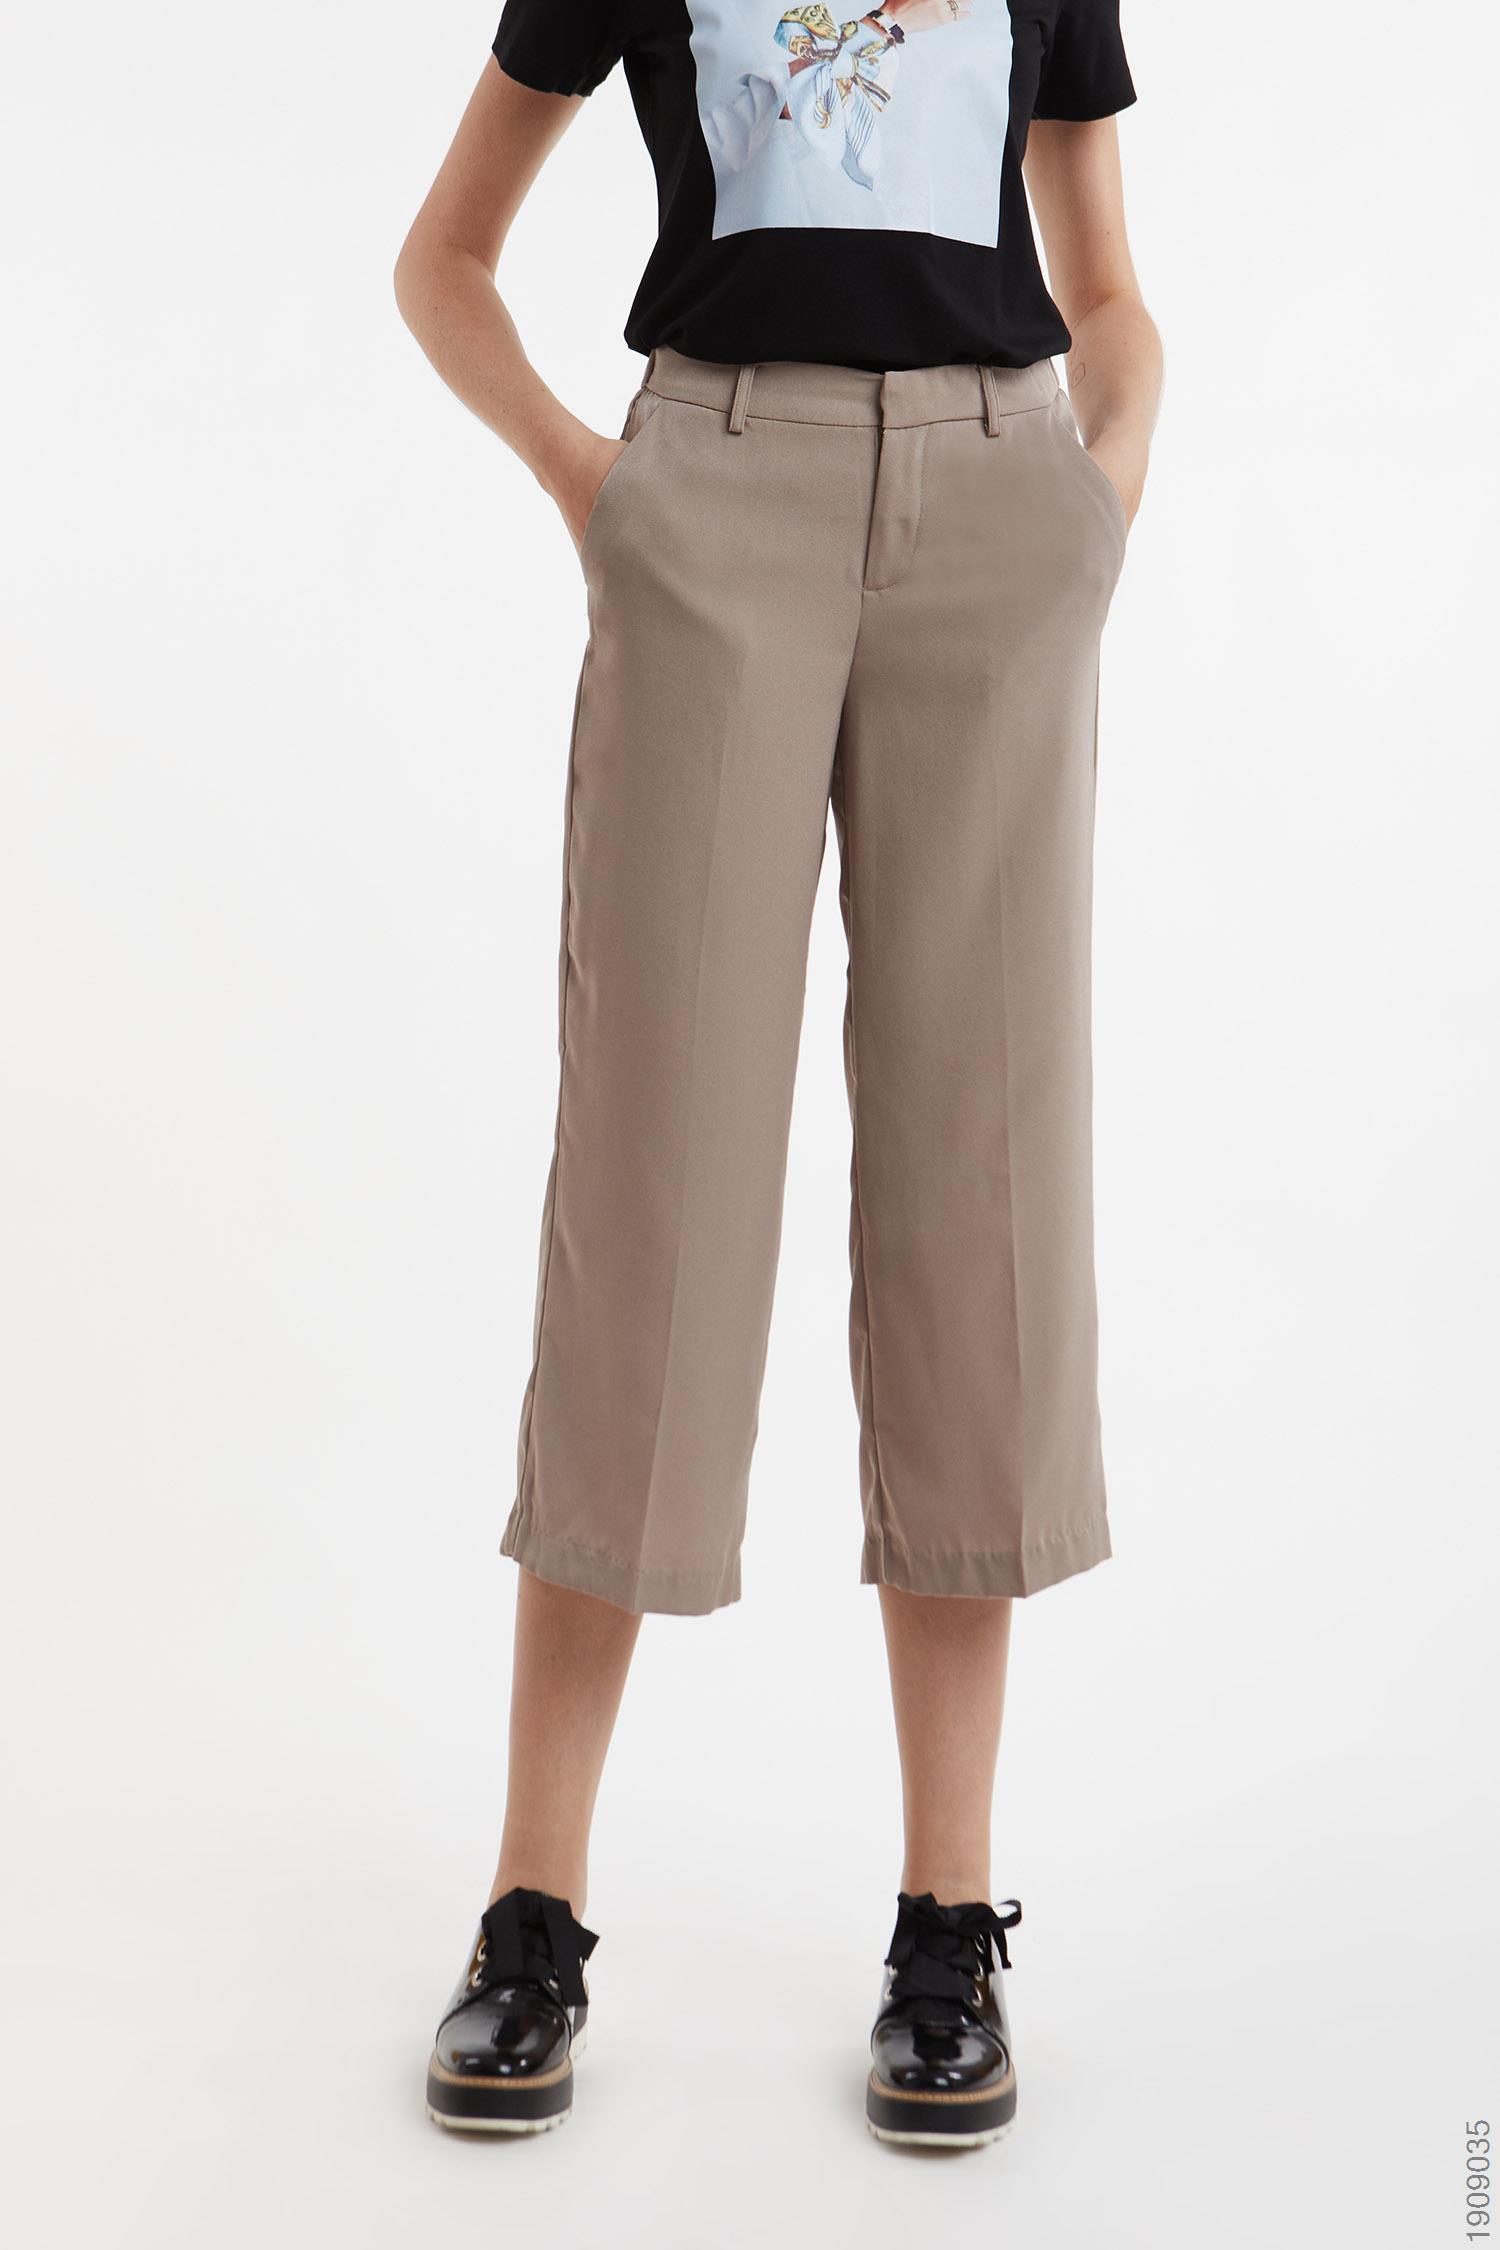 quần tây nữ - 1909035